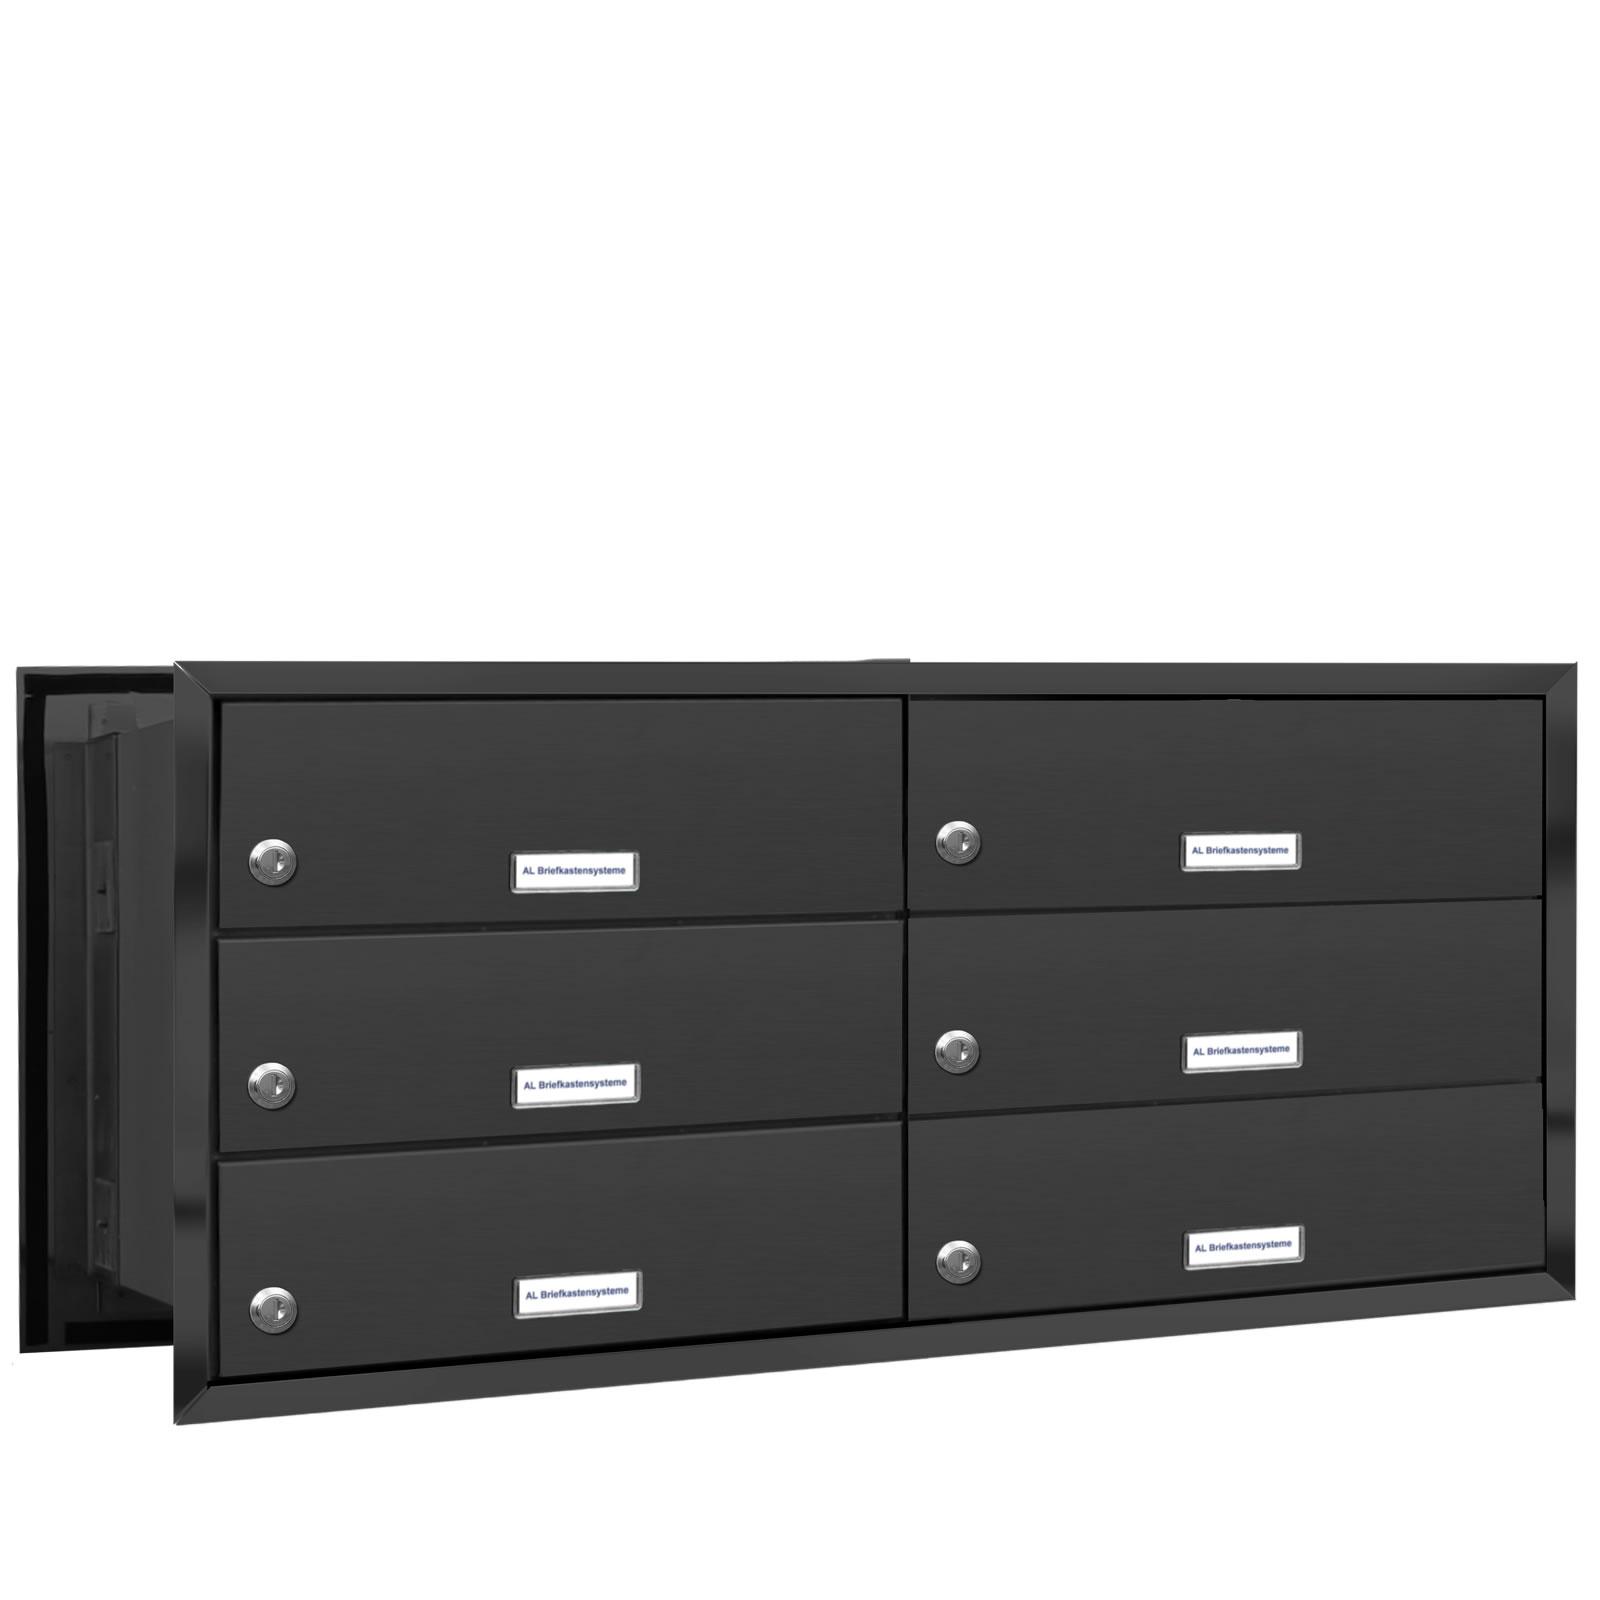 6er premium mauer durchwurf briefkasten ral 7016 anthrazit 6 fach postkasten ebay. Black Bedroom Furniture Sets. Home Design Ideas